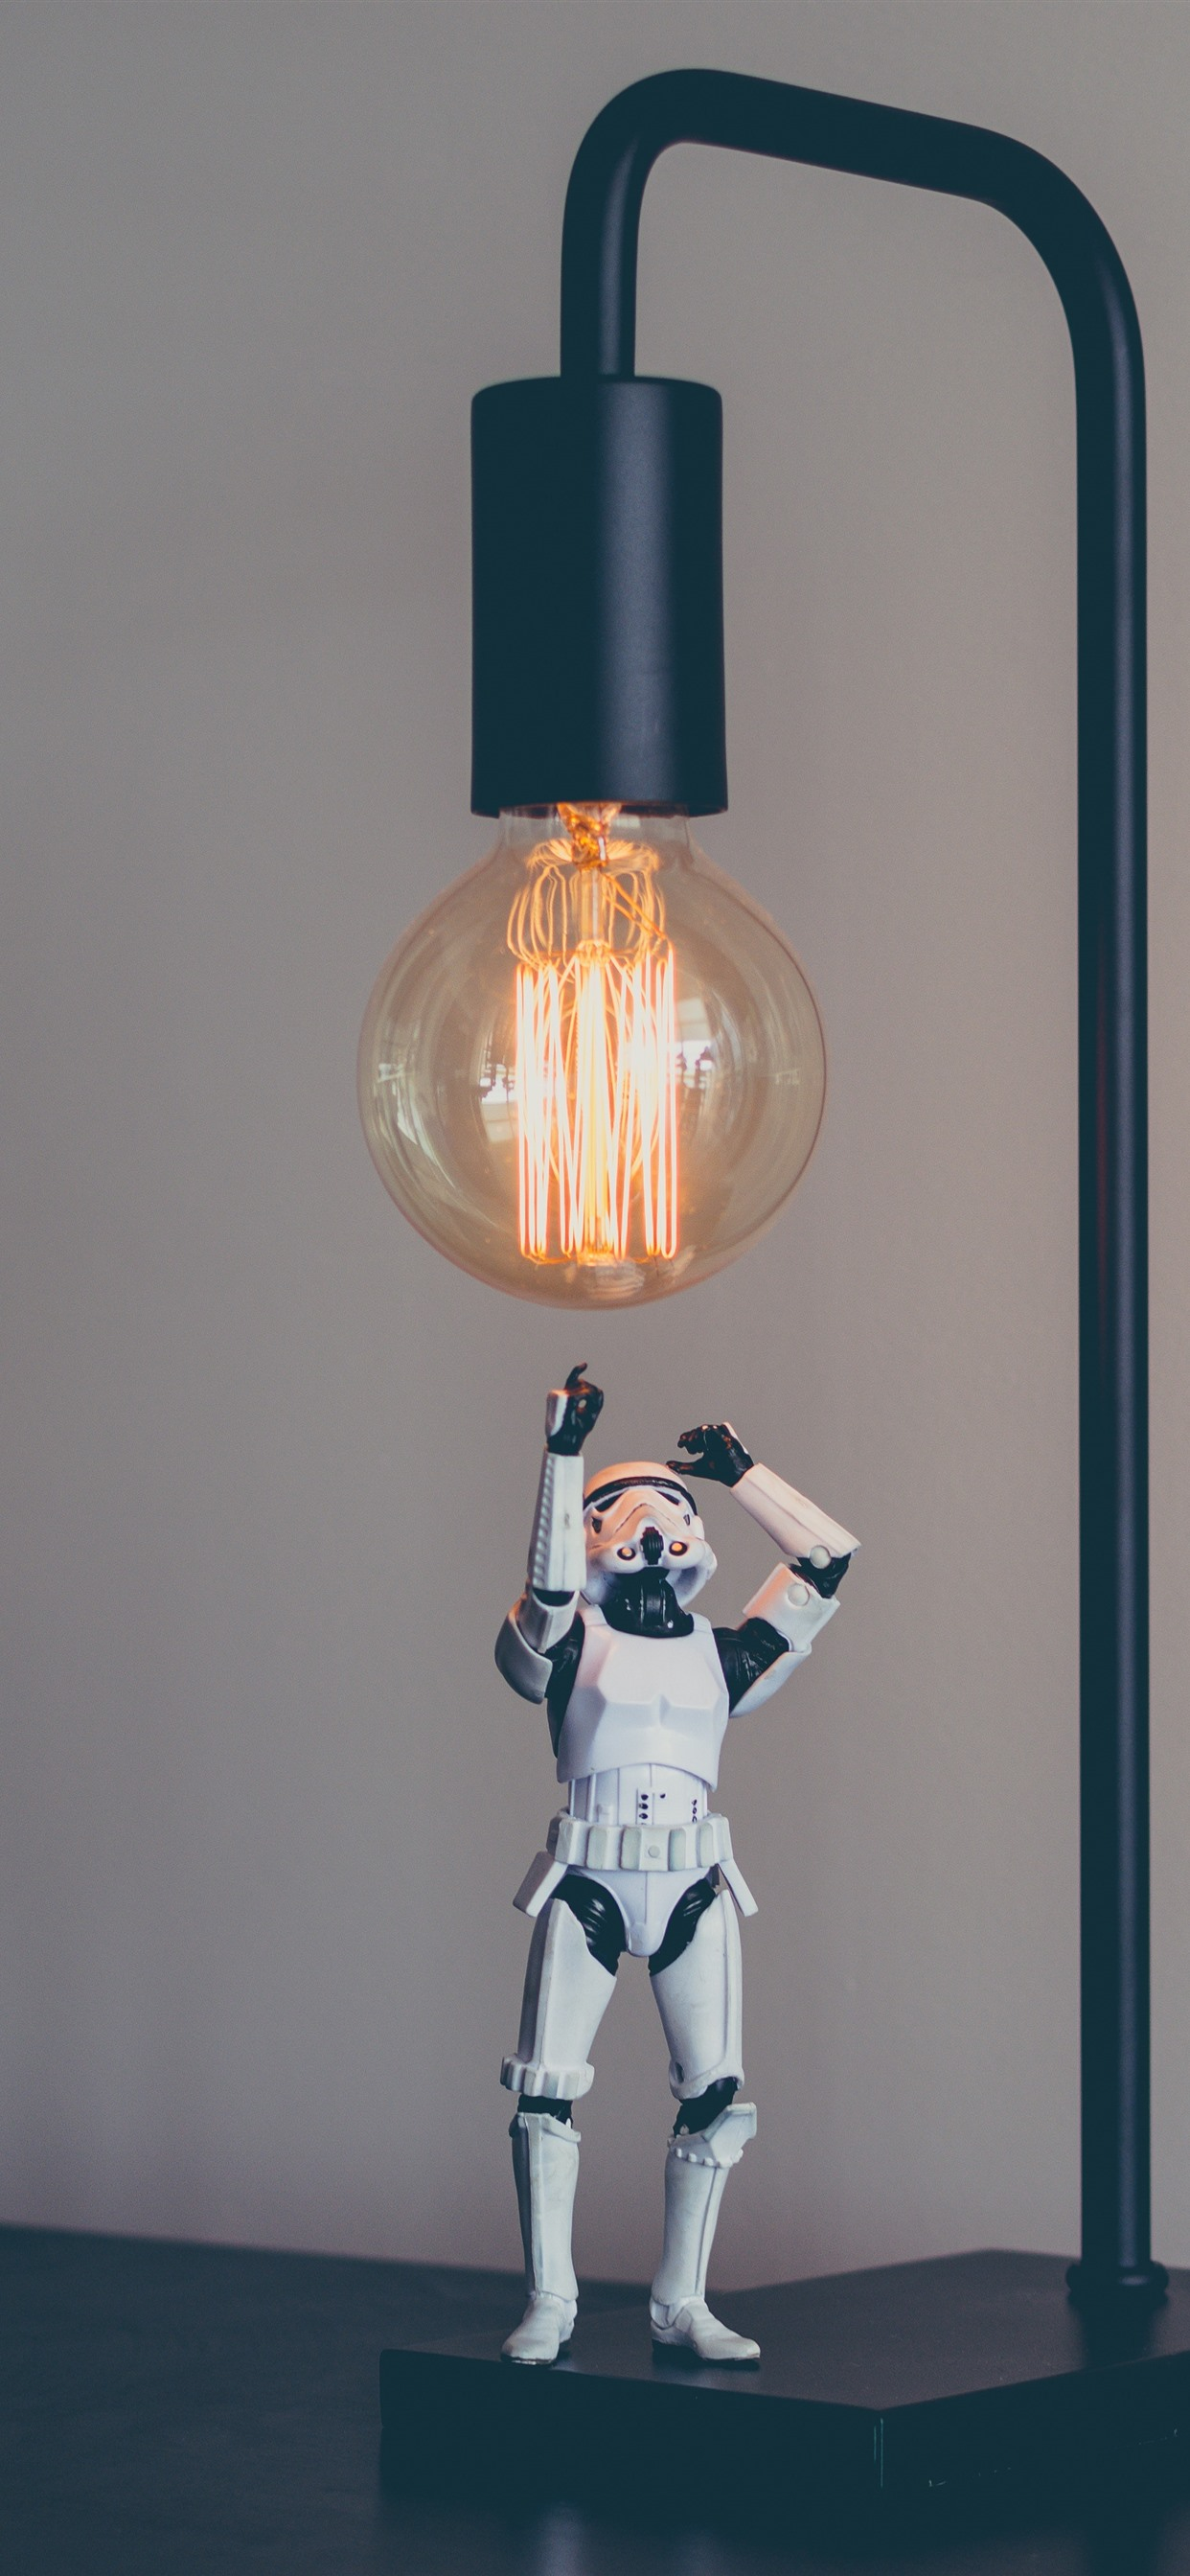 壁紙 ストームトルーパー おもちゃ スターウォーズ ランプ